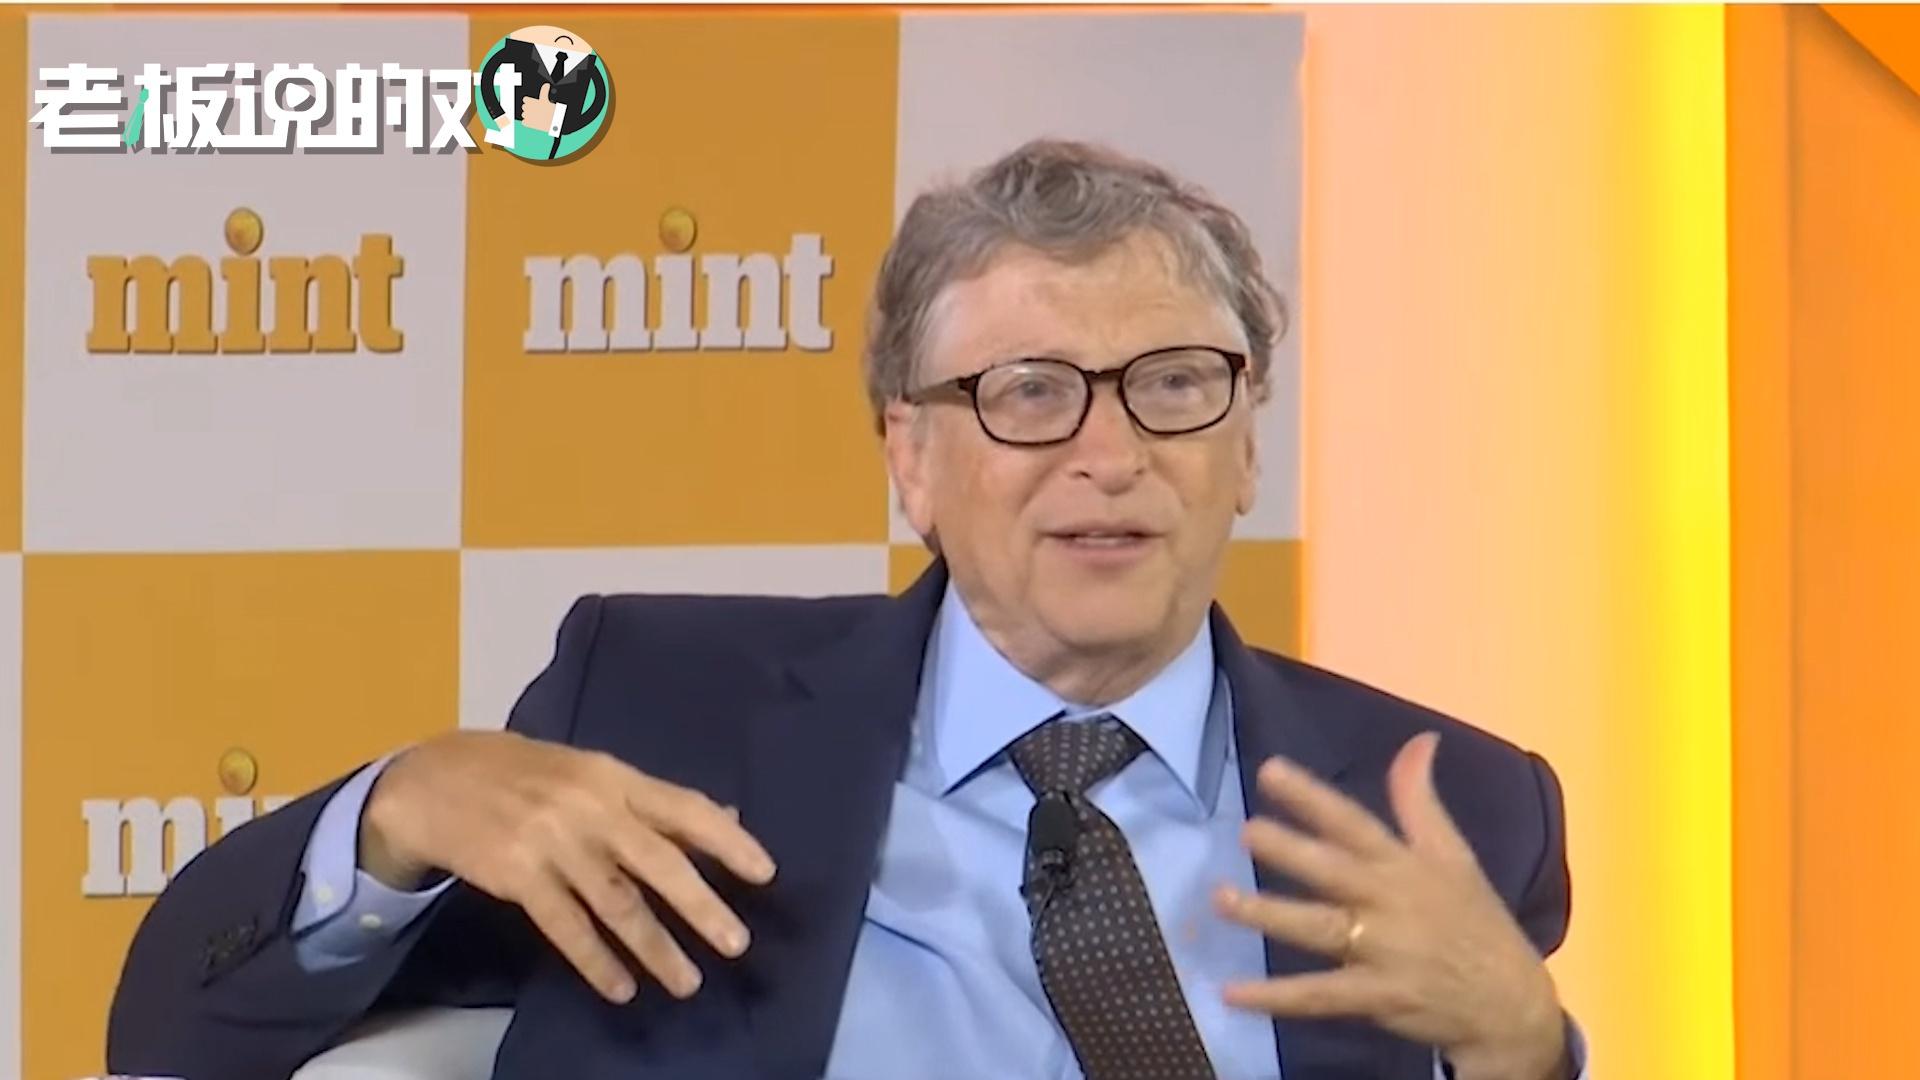 比尔盖茨:工作一定程度上代表了价值!但我是个例,我不需要工作